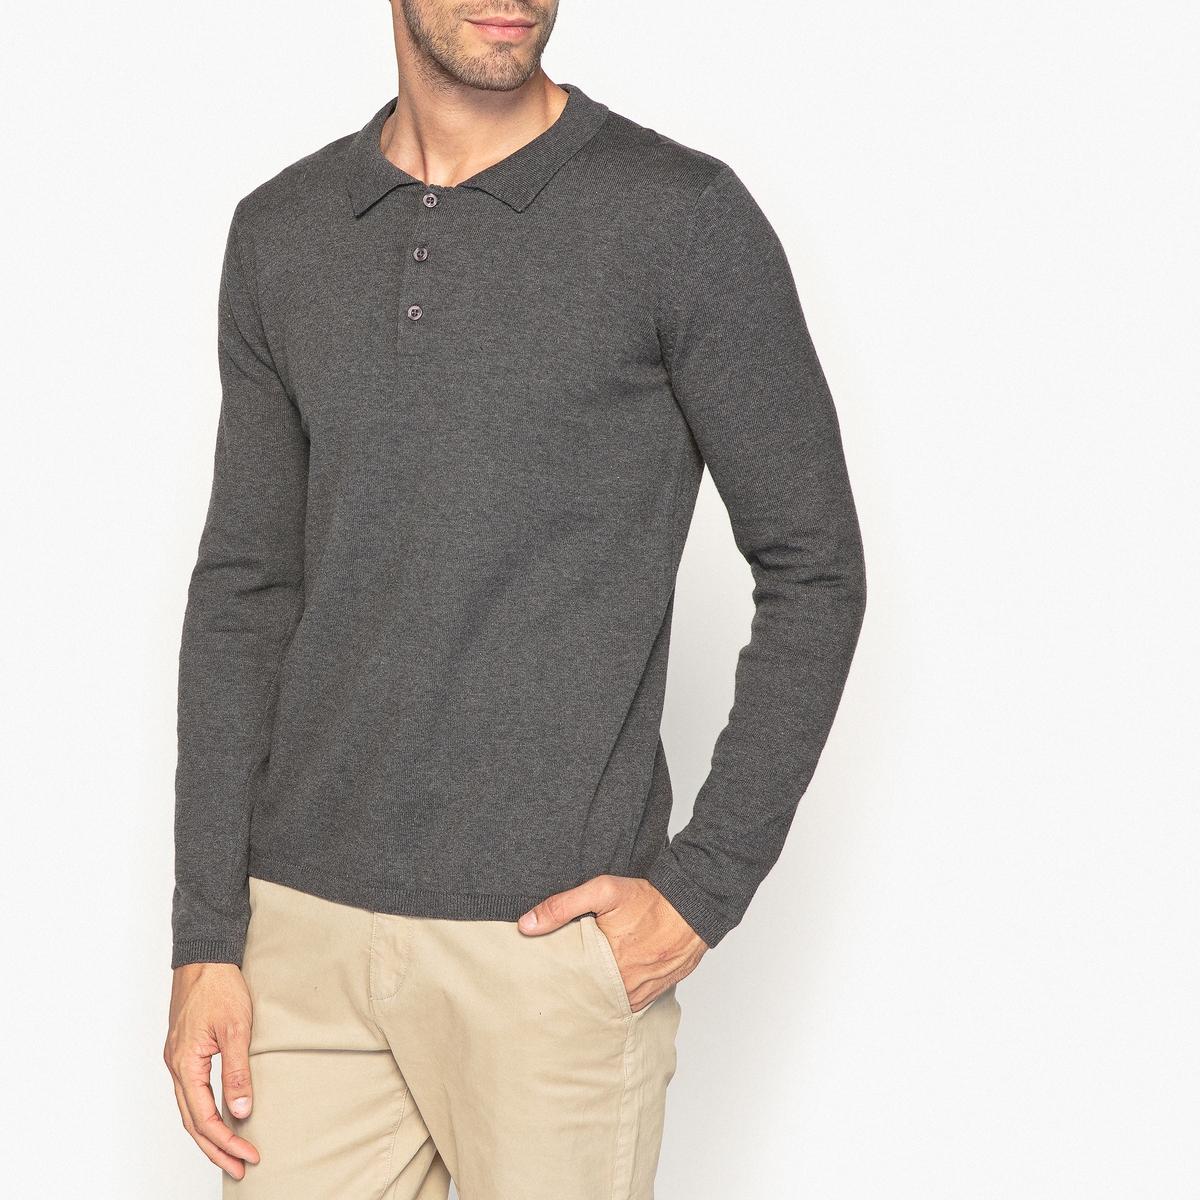 Пуловер с воротником-поло из 100% хлопка